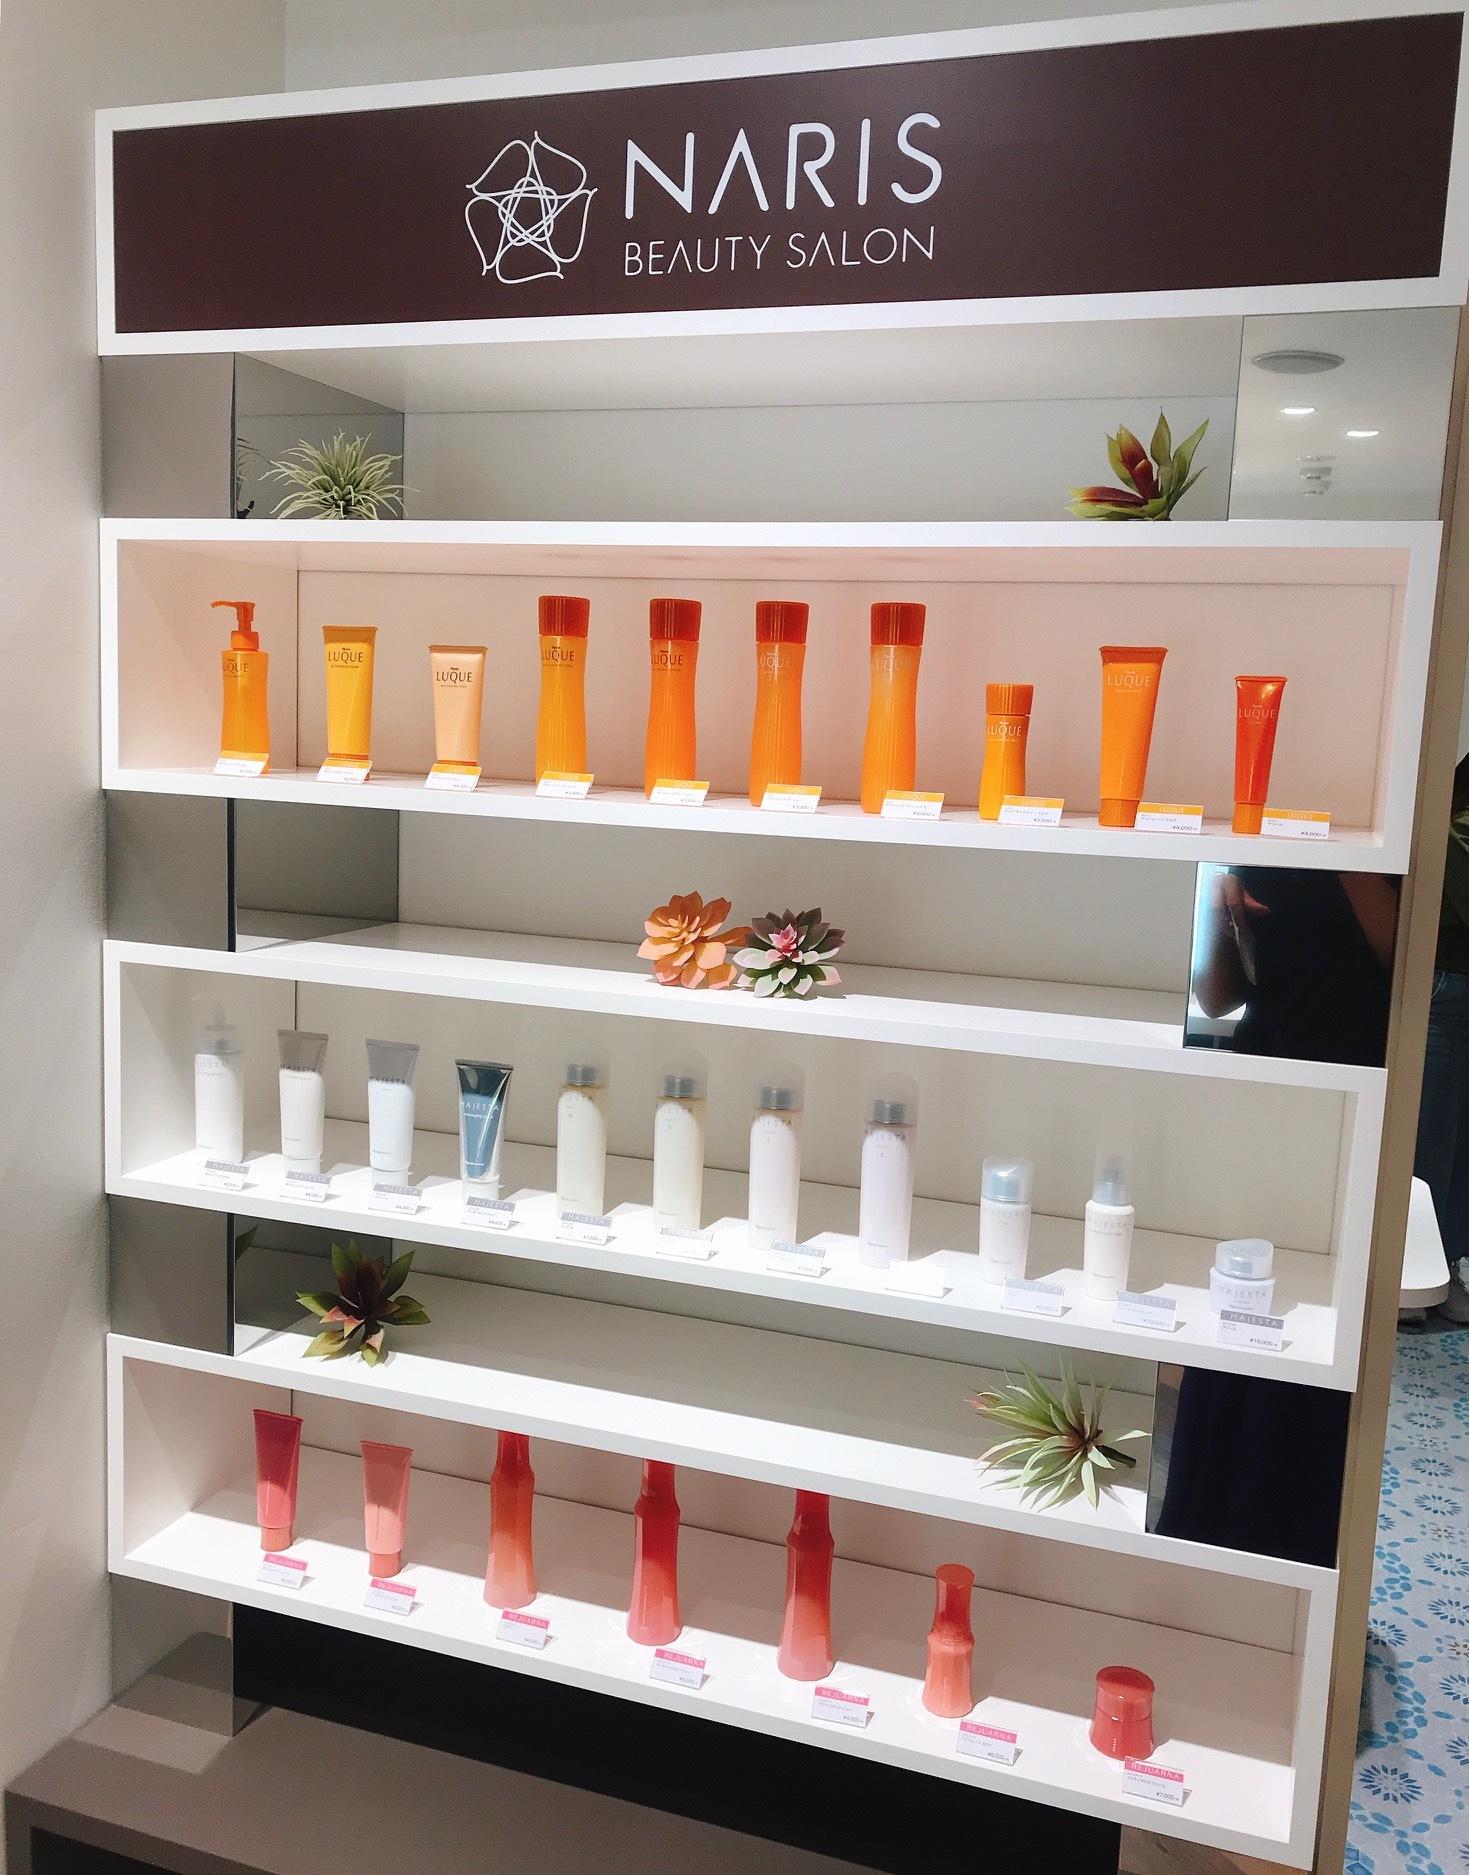 ナリス化粧品の購入可能コスメの陳列棚